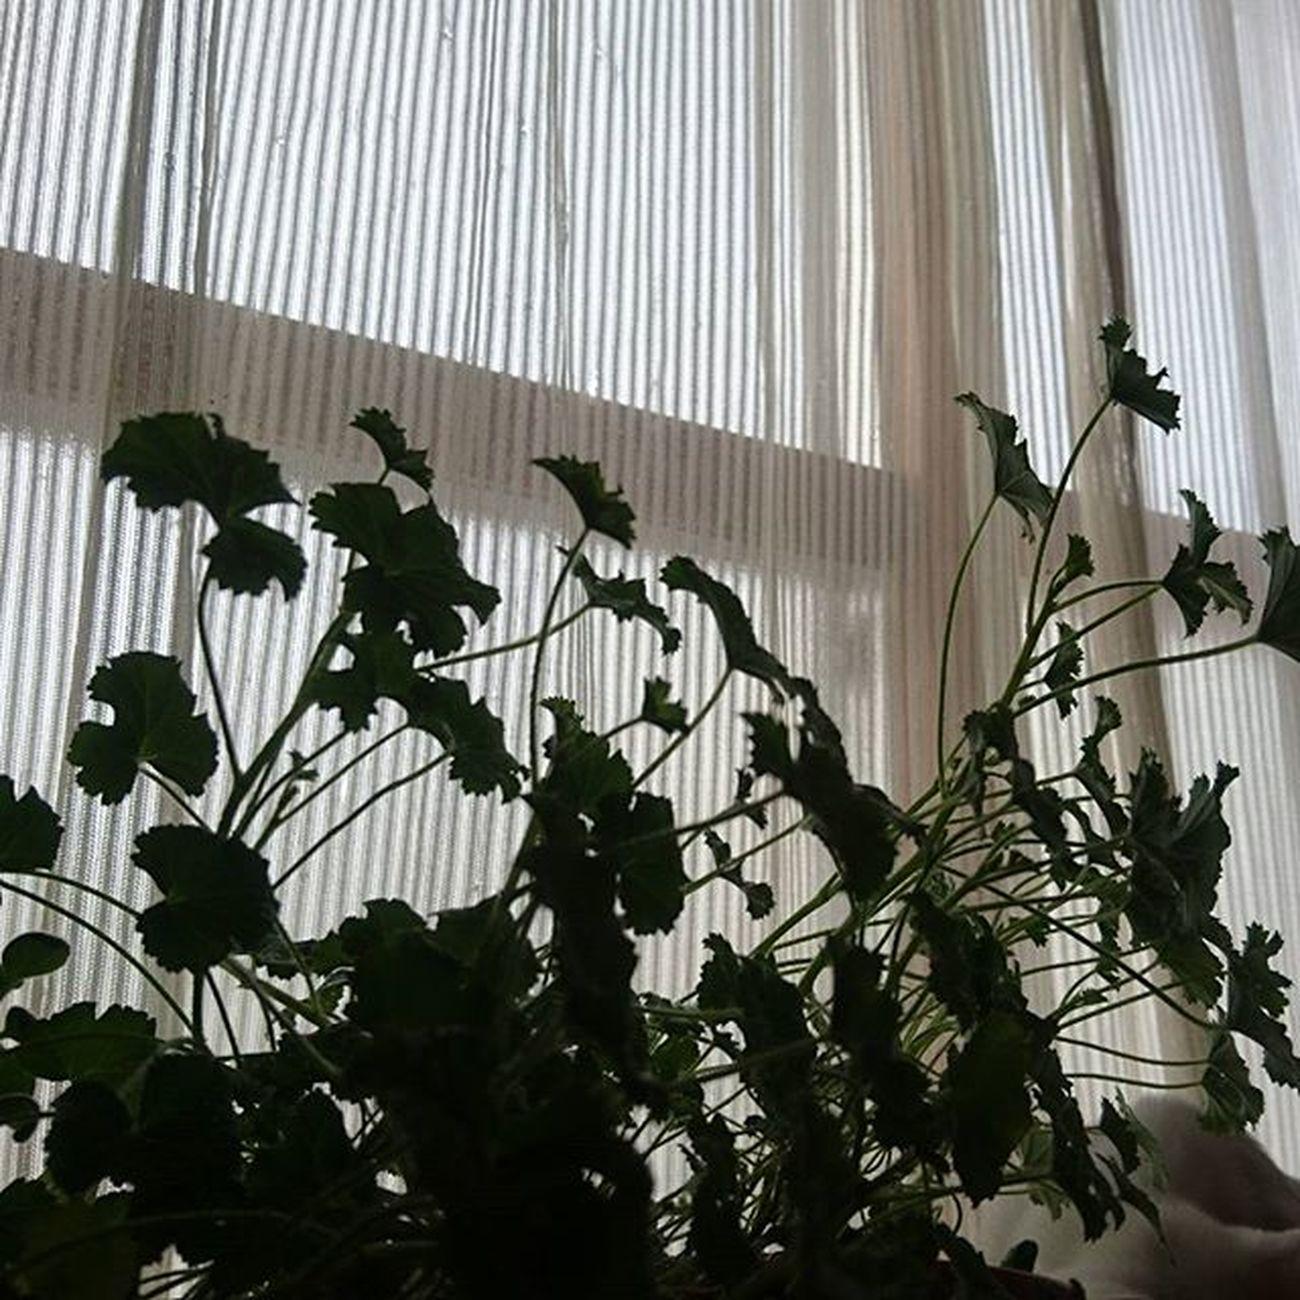 なおphoto ペラルゴニウム 葉っぱだけ 伸び放題 ホントに引きこもってまーす(笑)